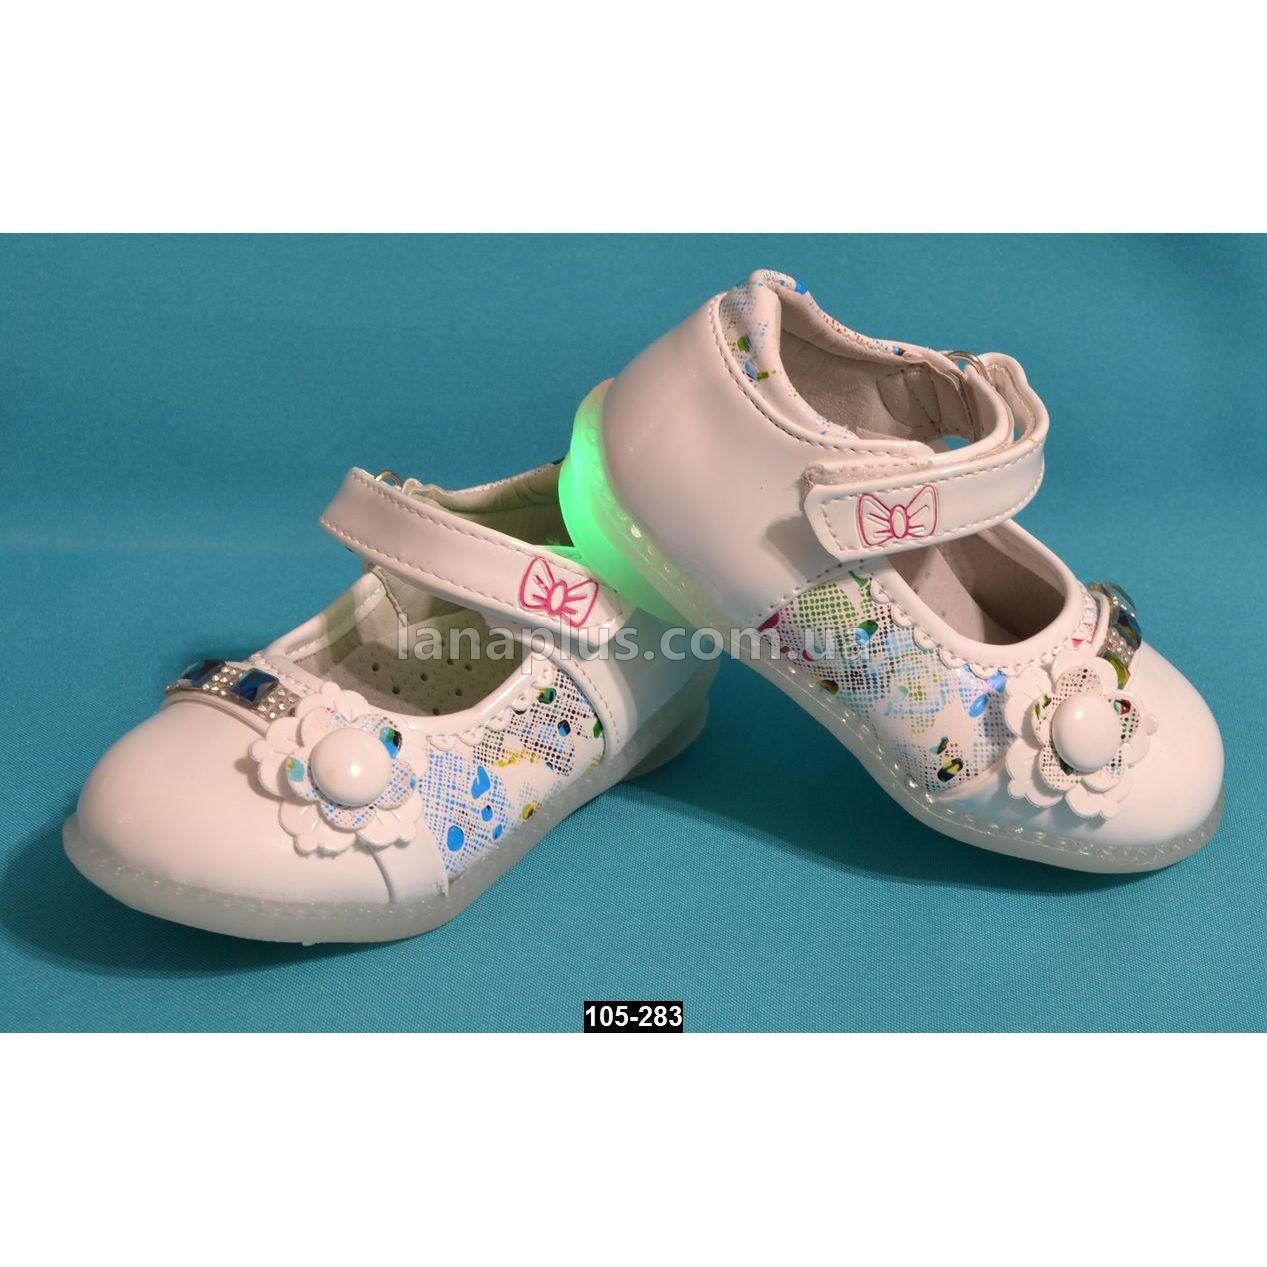 Светящиеся туфли для девочки, LED мигалки, супинатор, 22-25 размер